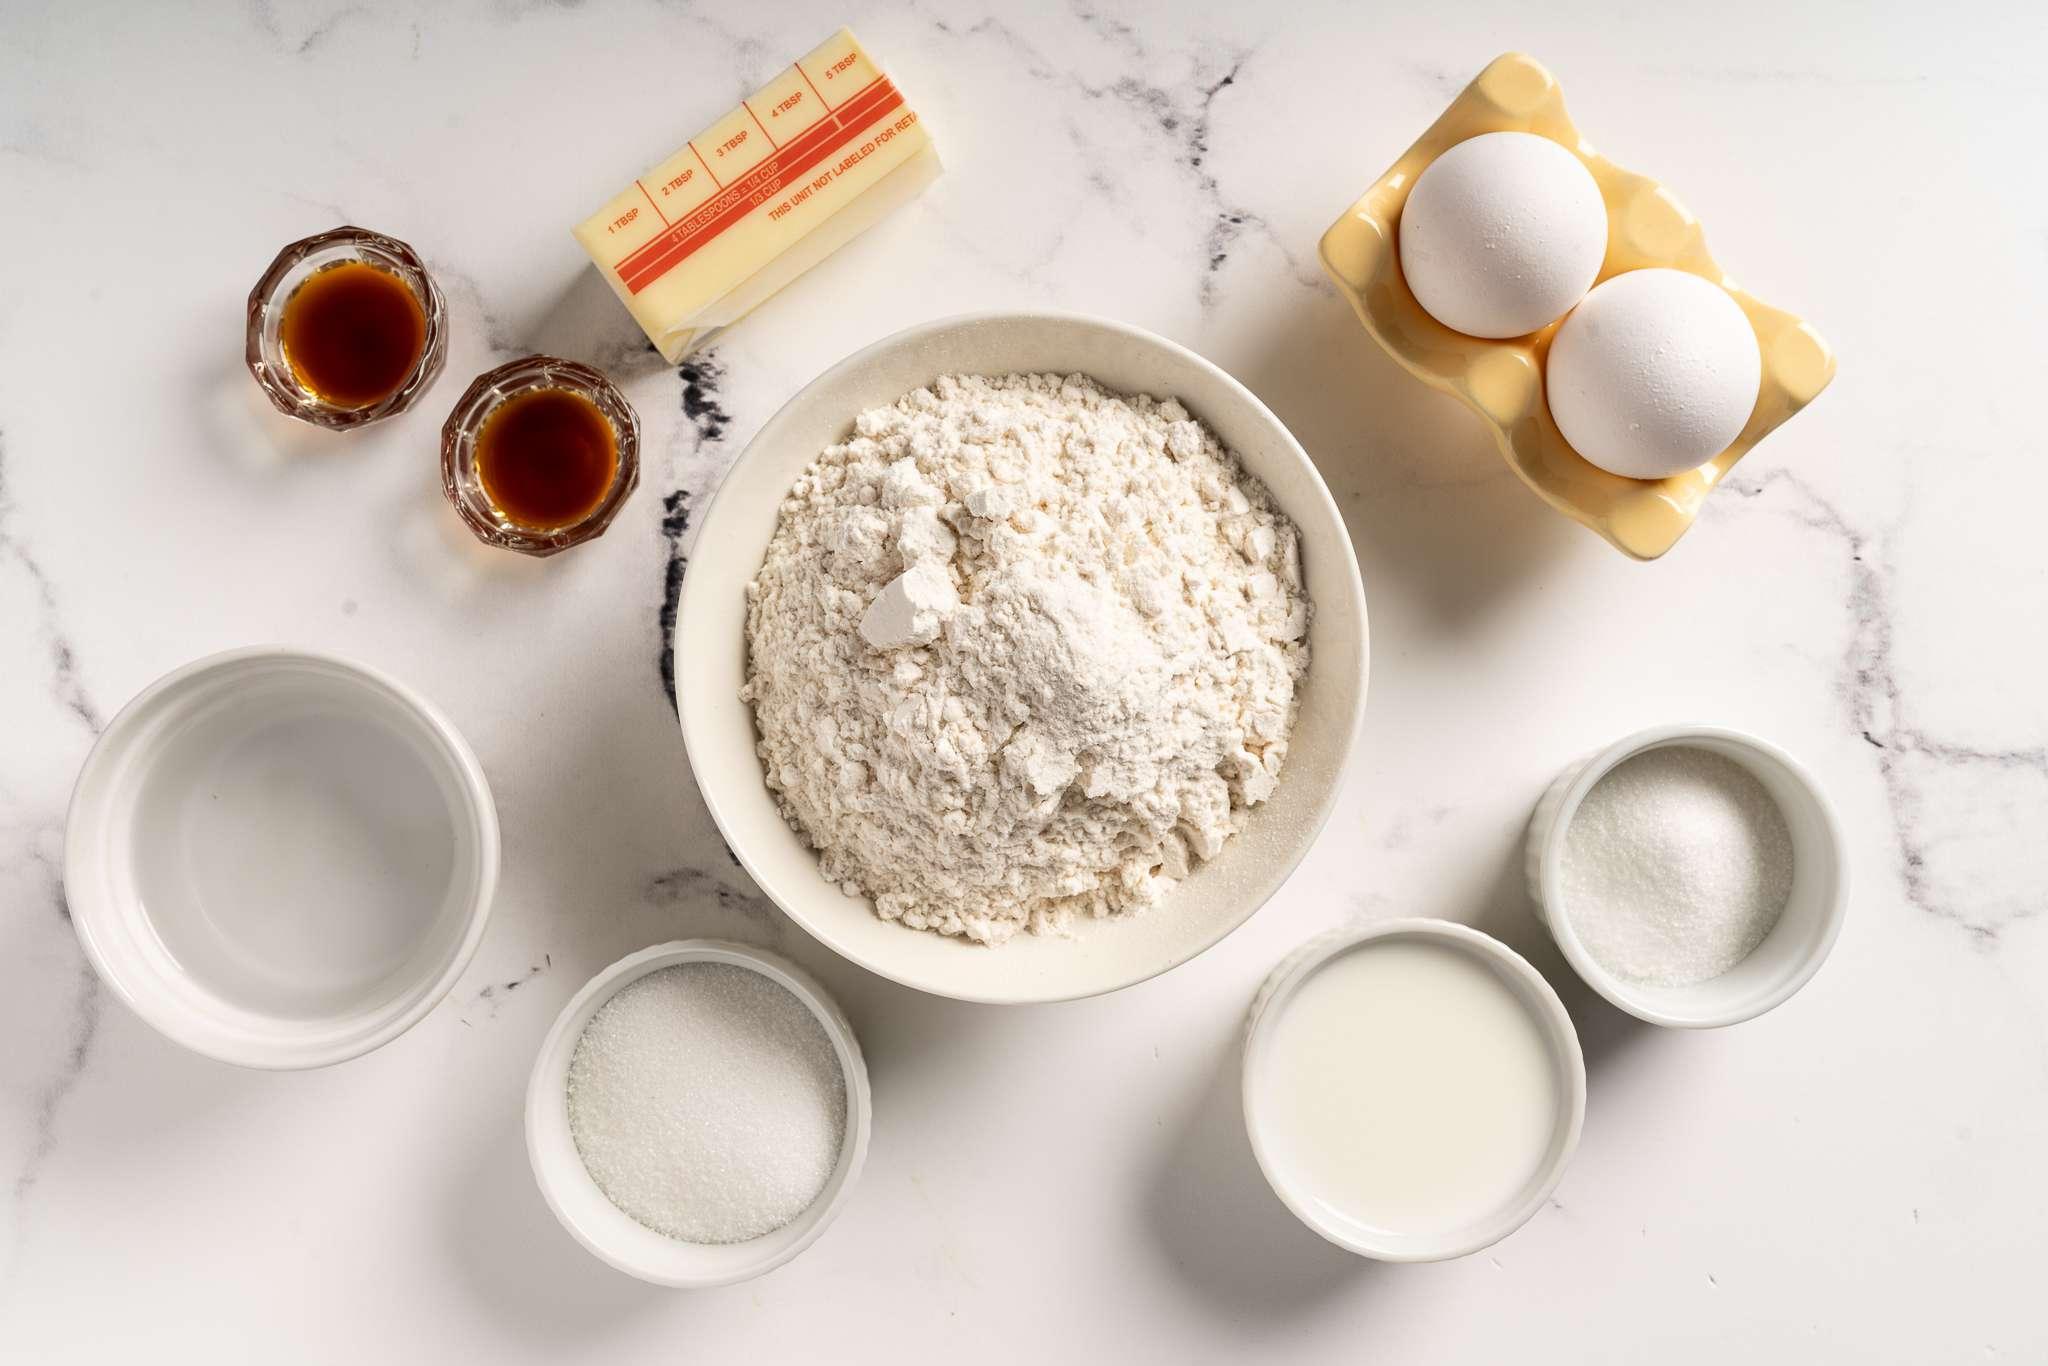 Egg Tarts ingredients